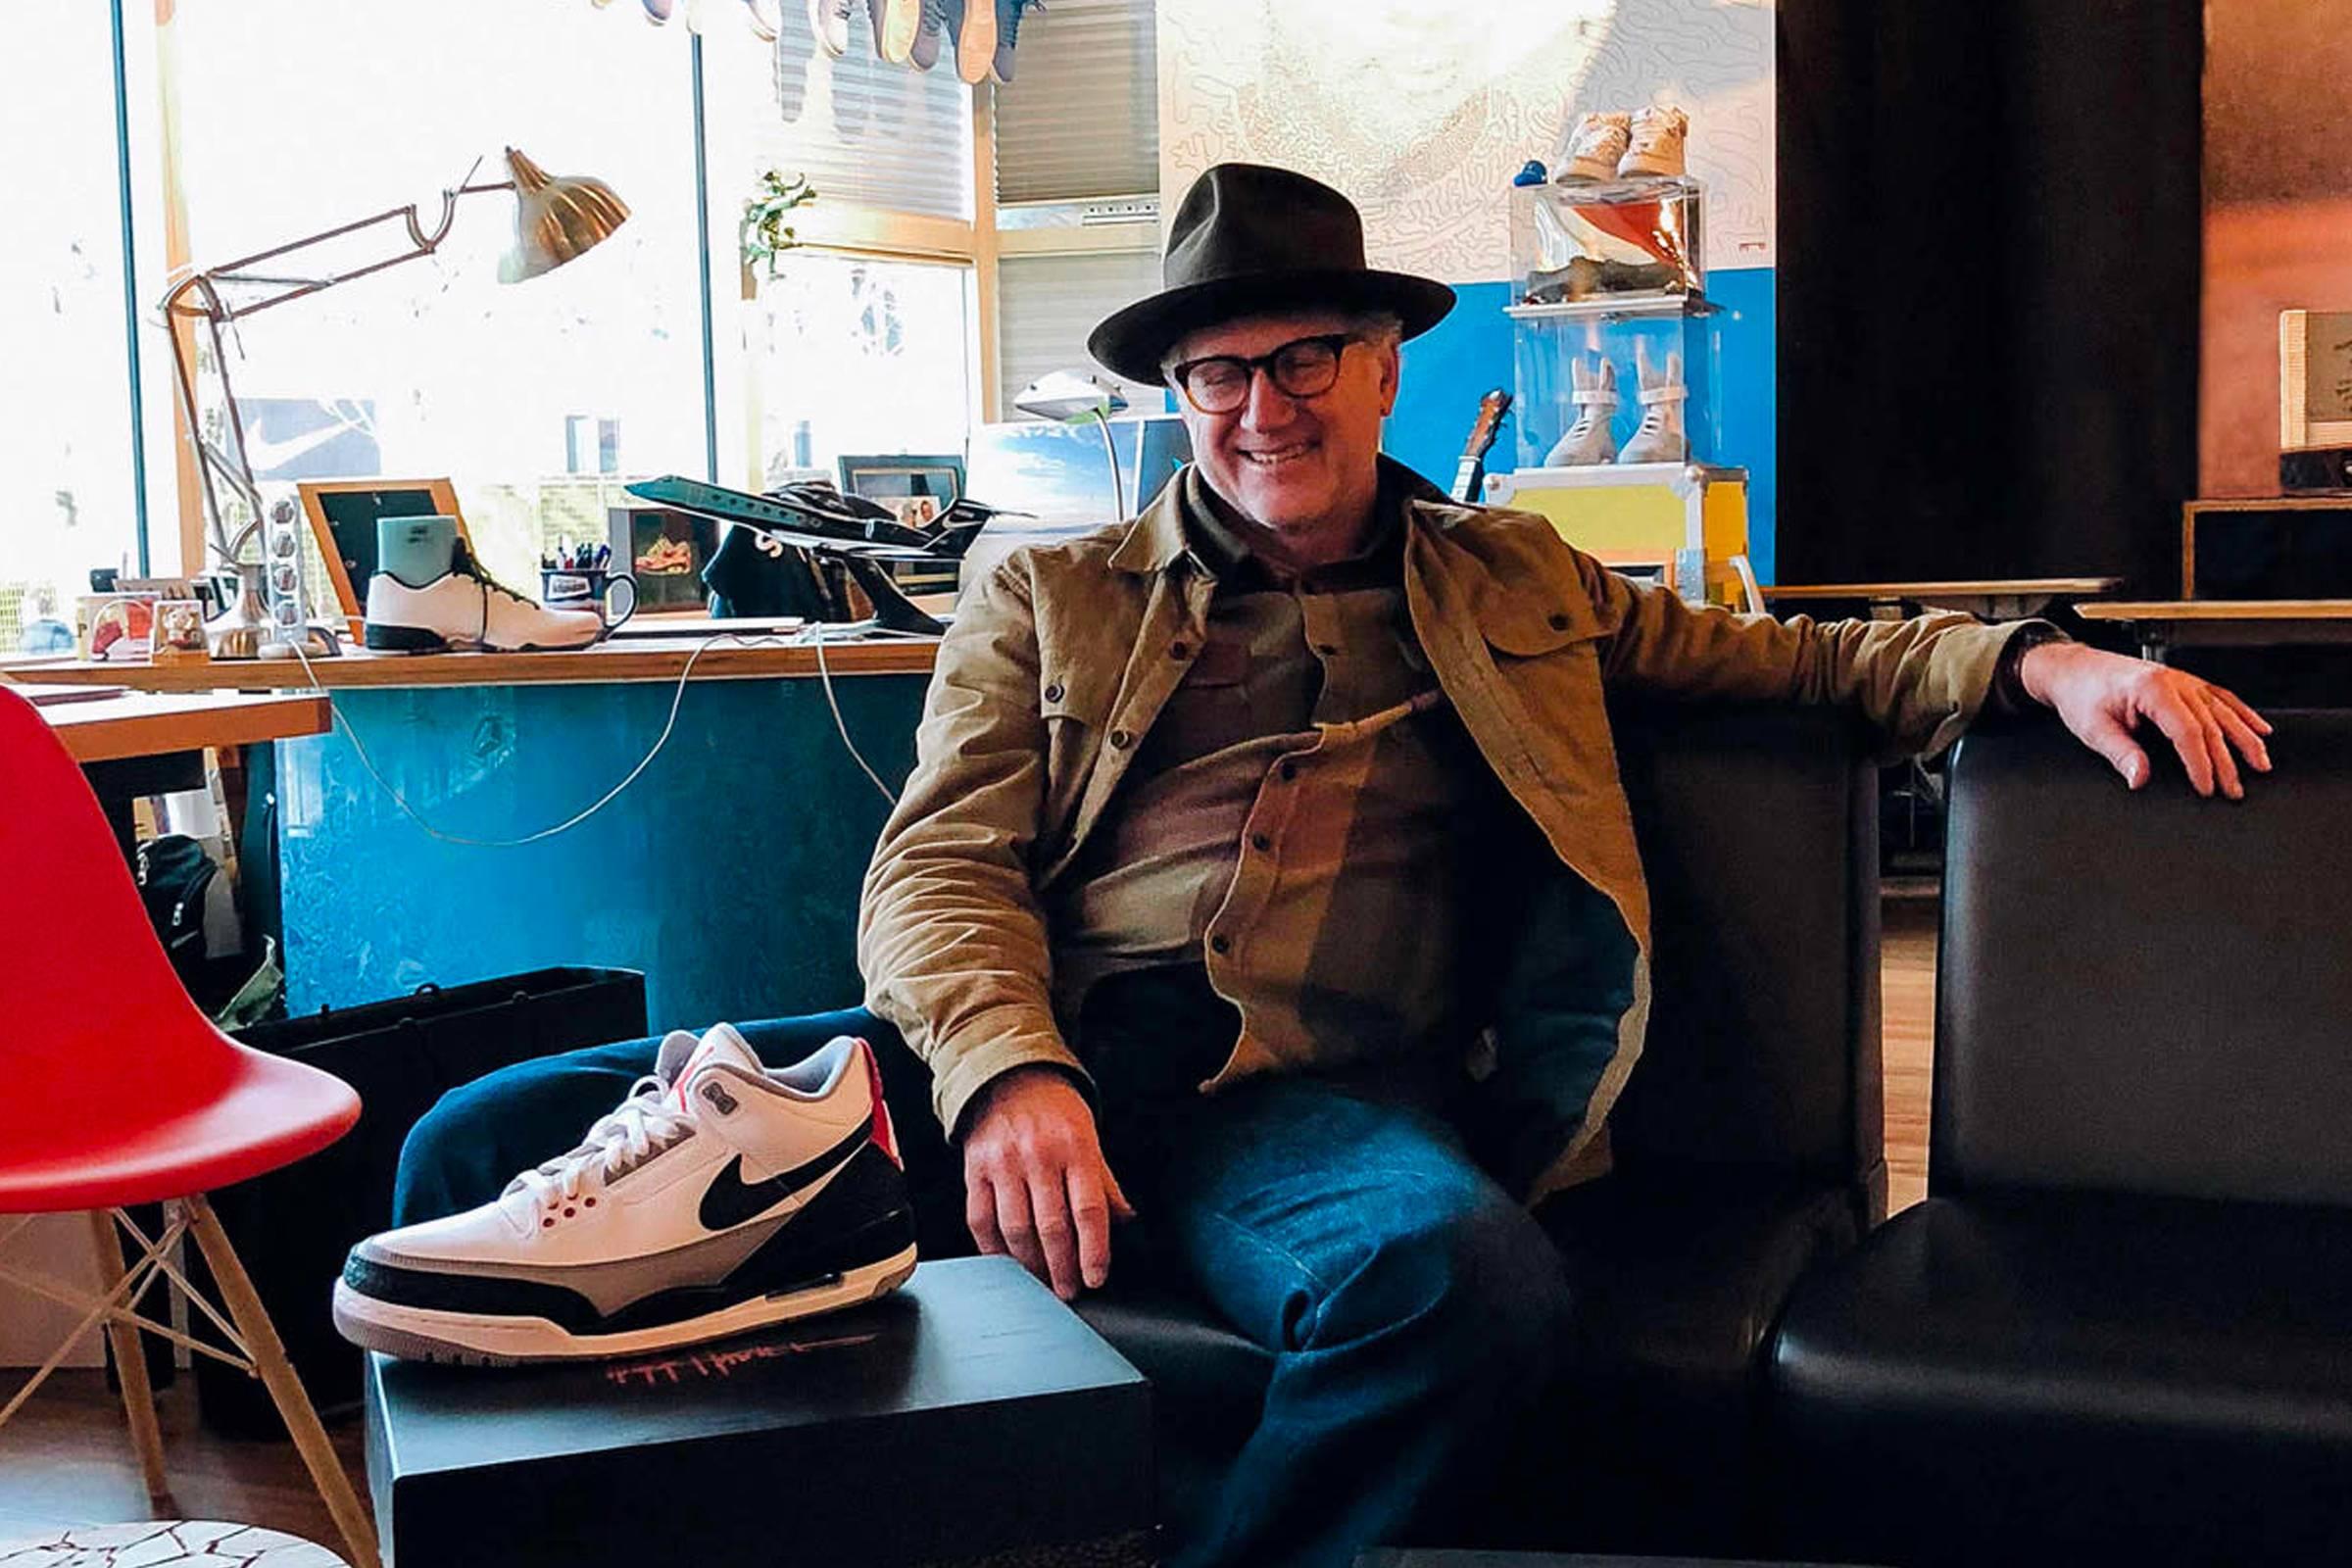 Tinker Hatfield's 10 Best Sneaker Designs